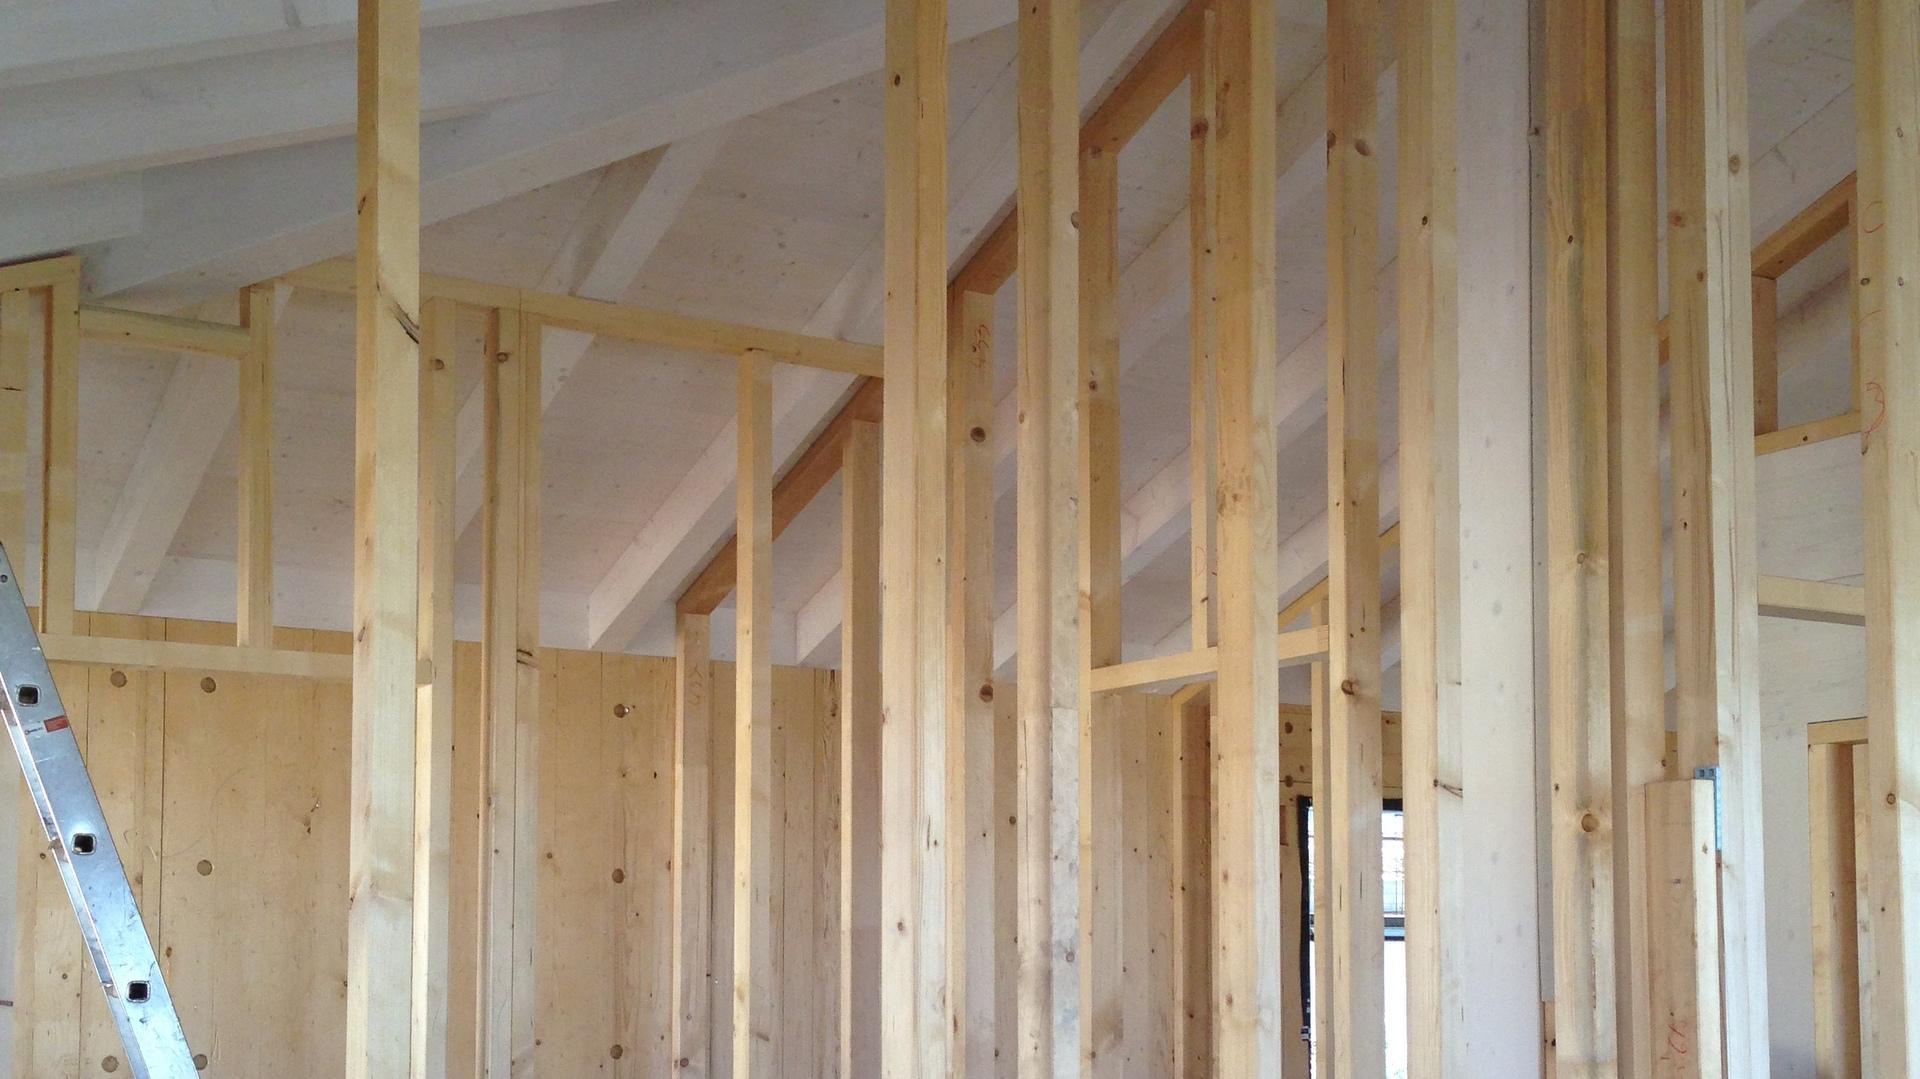 le pareti interne con struttura in legno